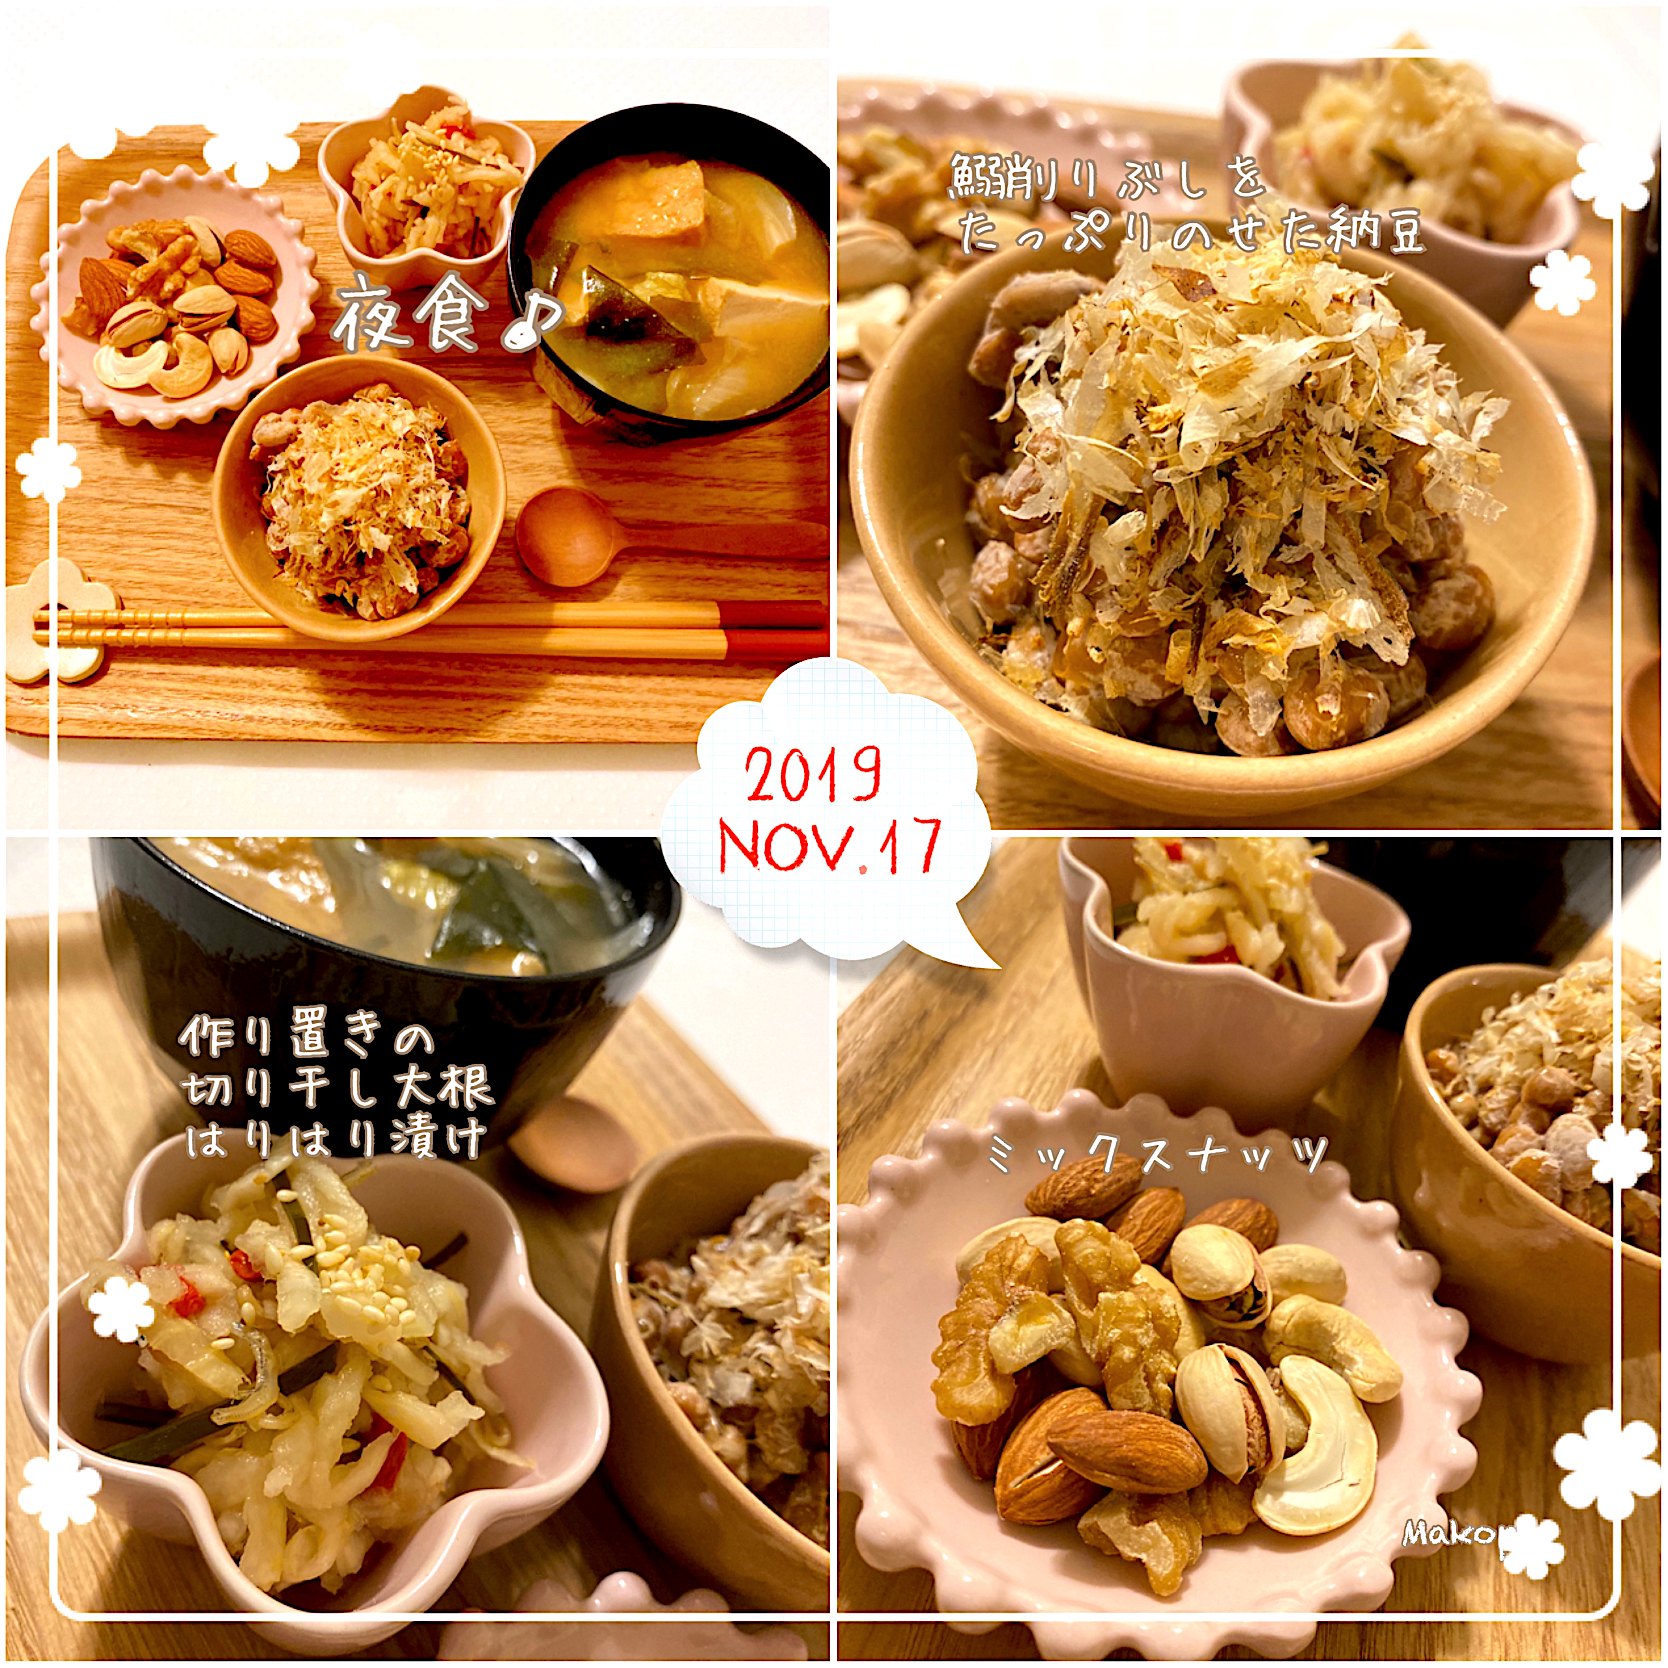 の 味噌汁 カシューナッツ